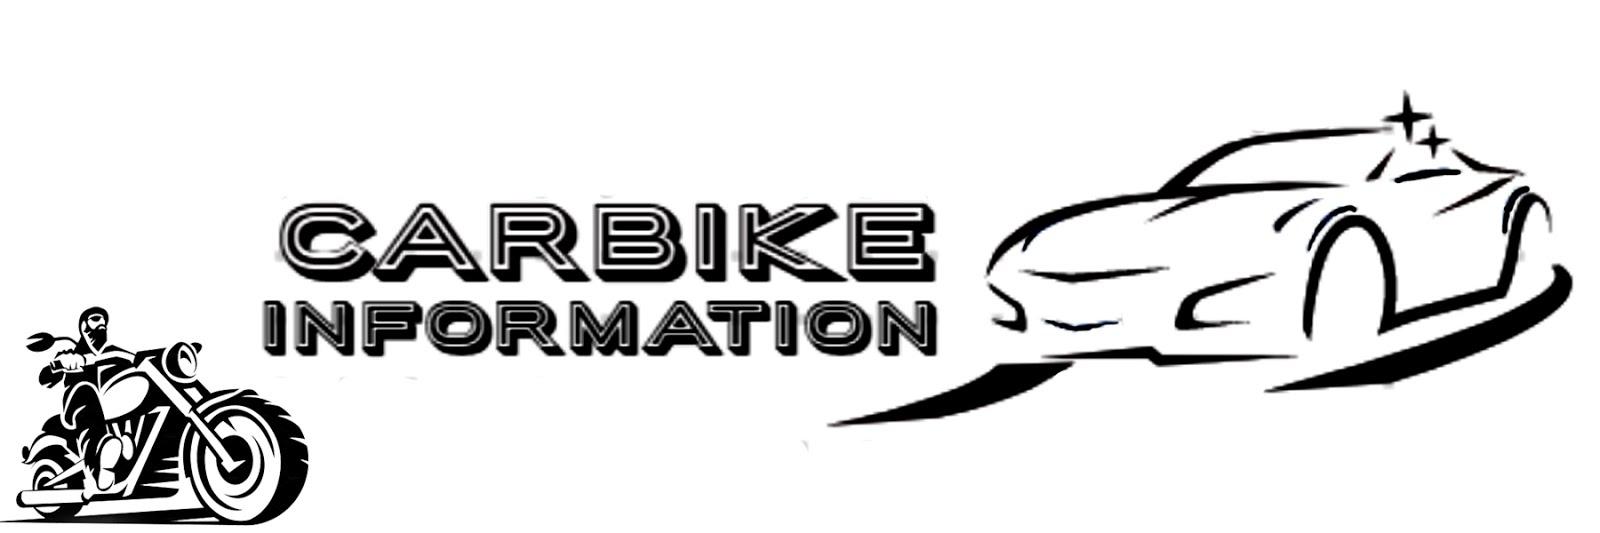 Carbikeinformation